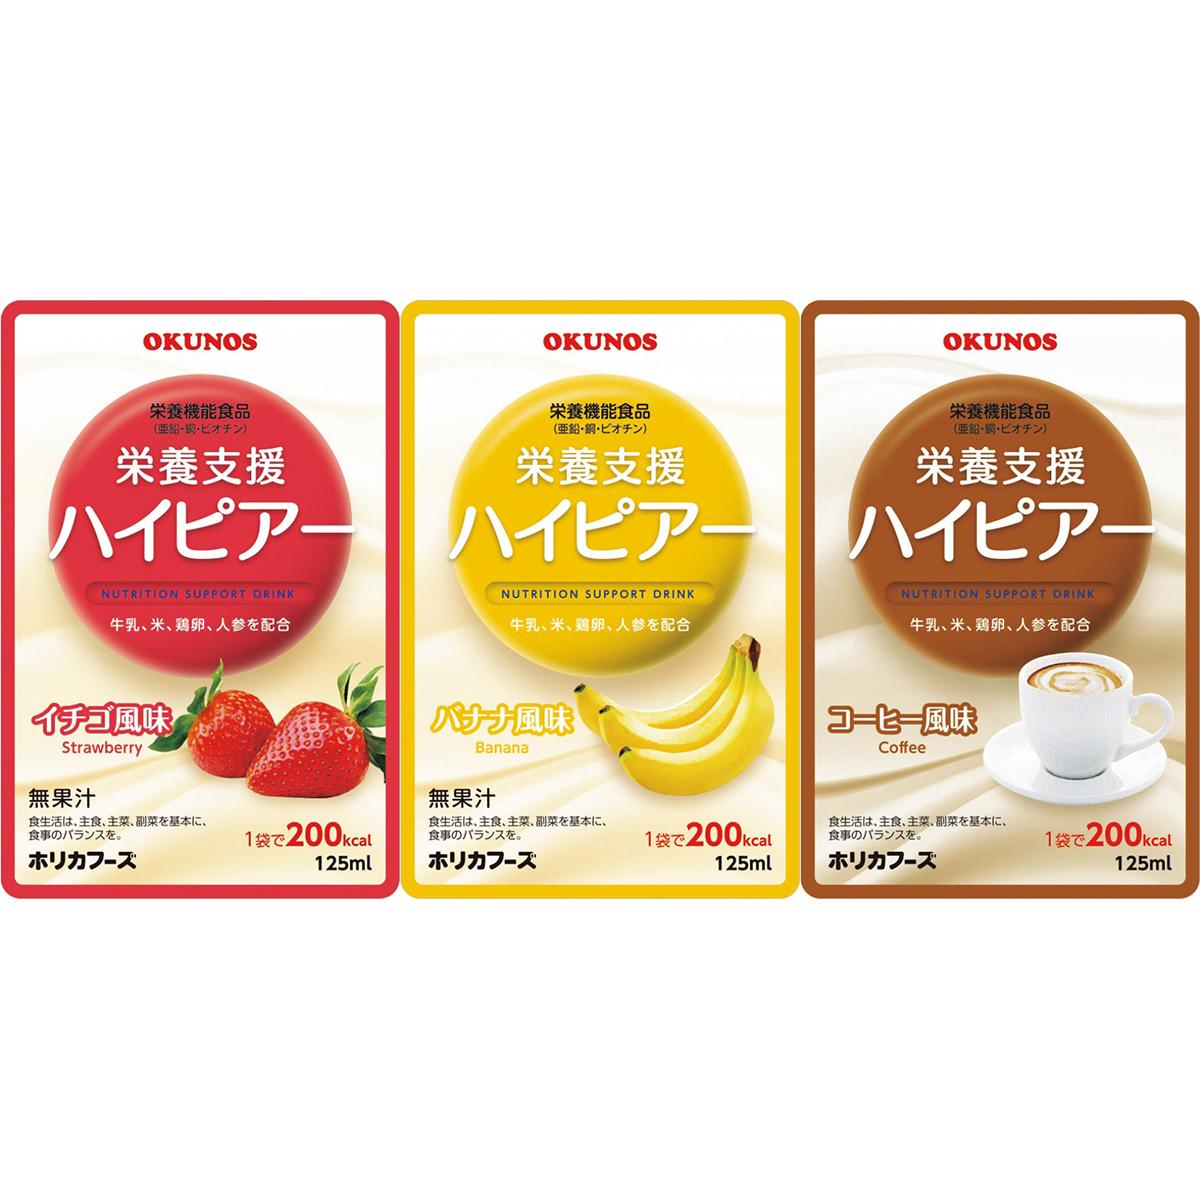 ホリカフーズ株式会社 オクノス(OKUNOS)栄養支援ハイピアー 詰め合わせ 3種類×10袋×2セット(合計60袋)(発送までに7~10日かかります・ご注文後のキャンセルは出来ません)